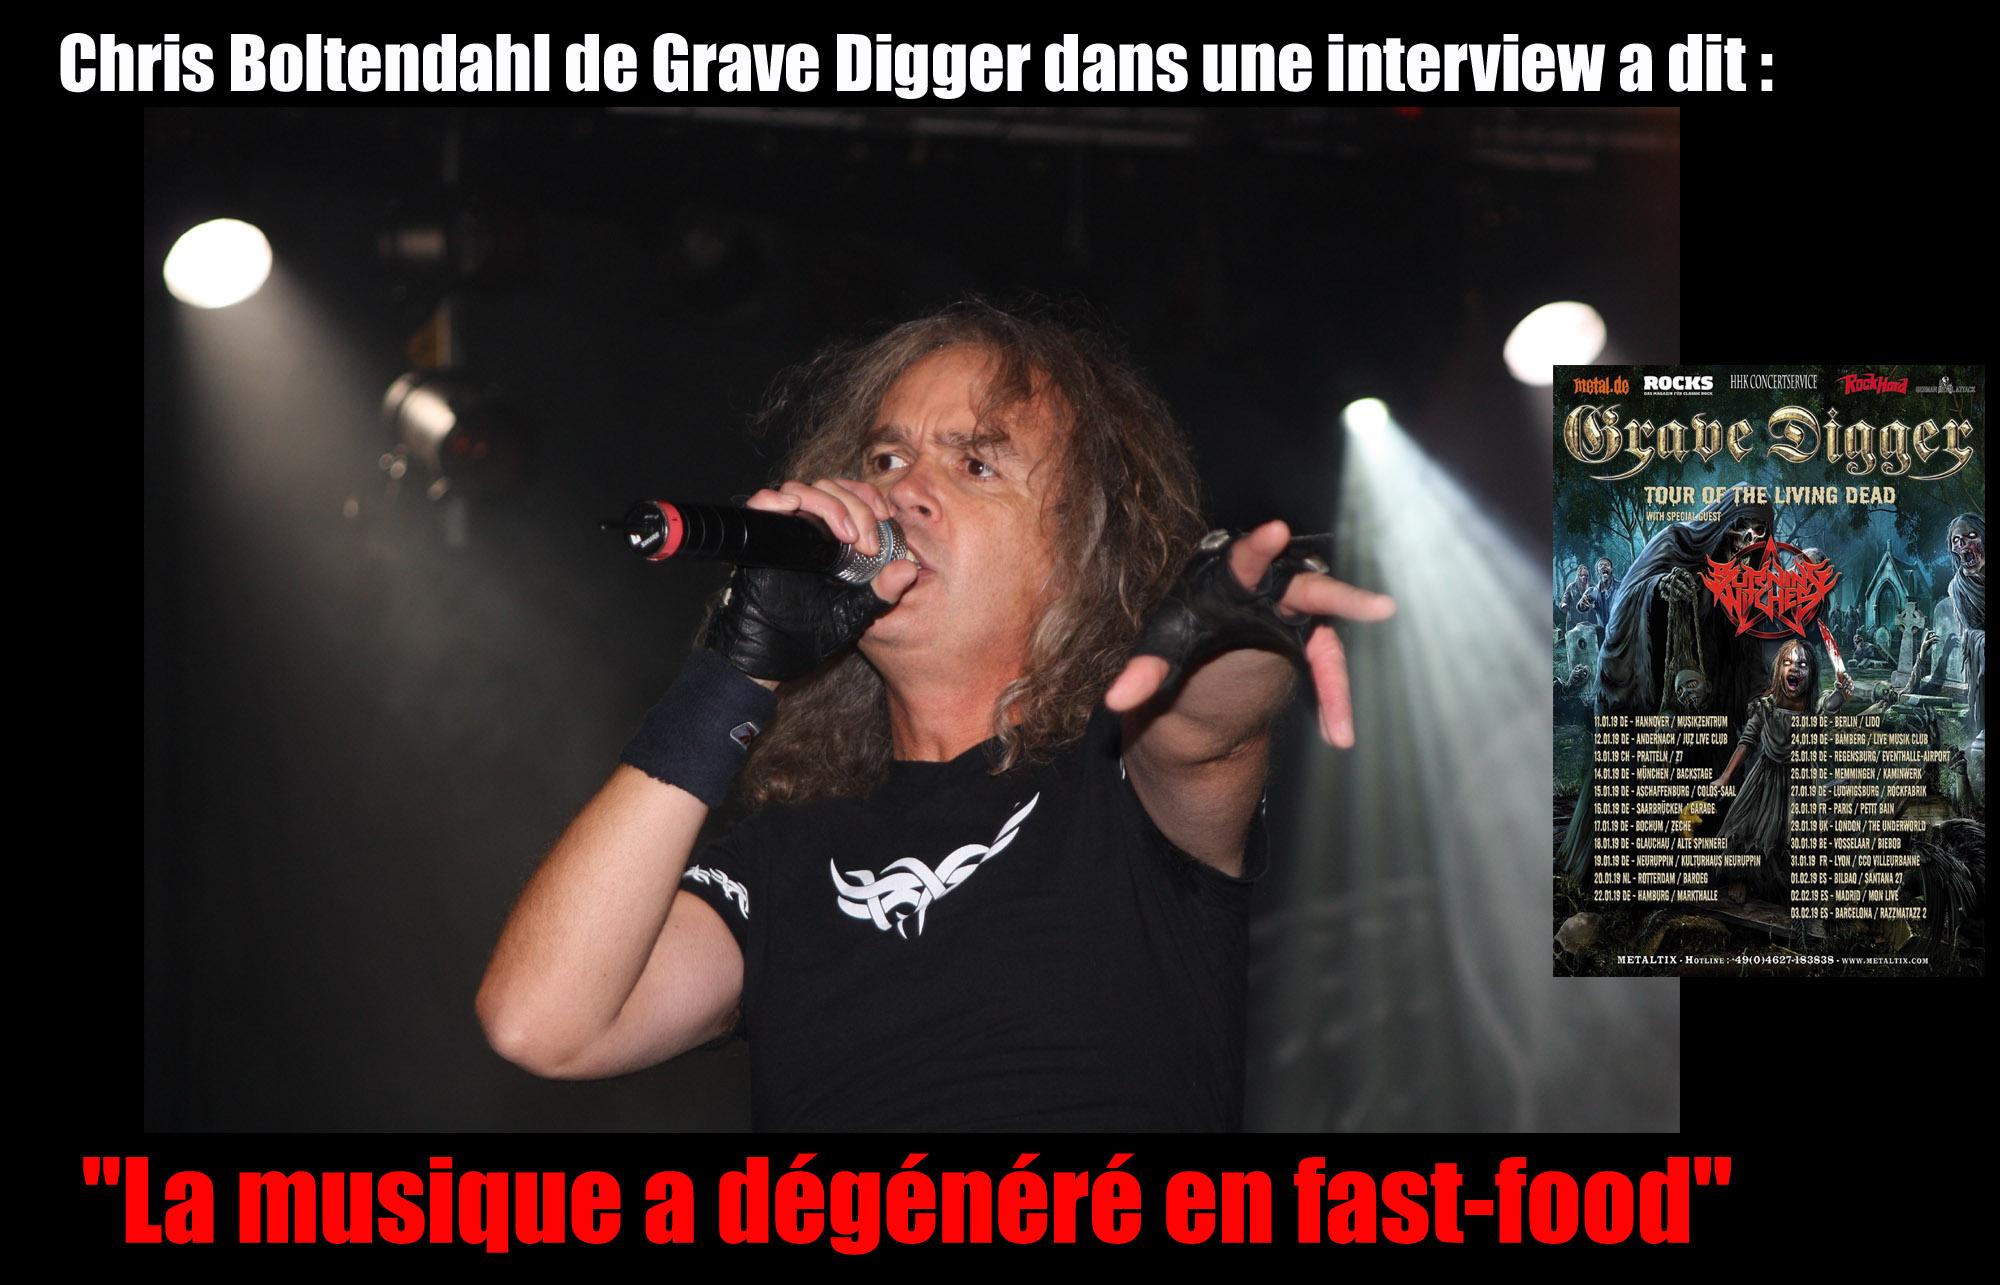 Chris Boltendahl de Grave Digger dans une interview a dit ... Sans_201